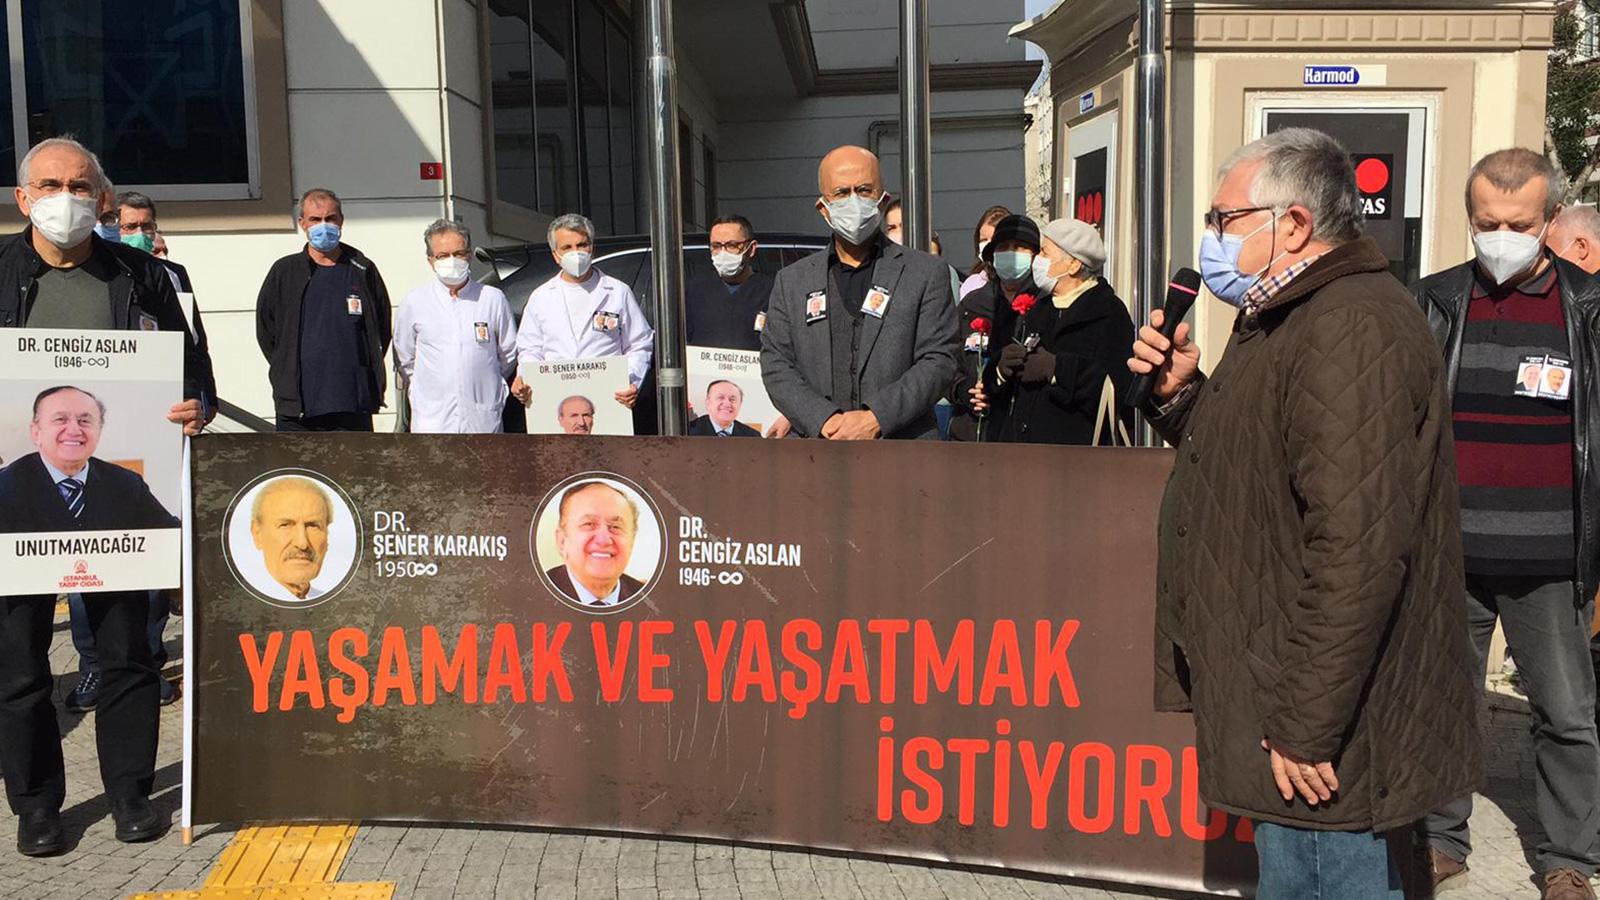 COVID-19 Sebebiyle Yitirdiğimiz Dr. Şener Karakış ve Dr. Cengiz Aslan İçin Saygı Duruşu